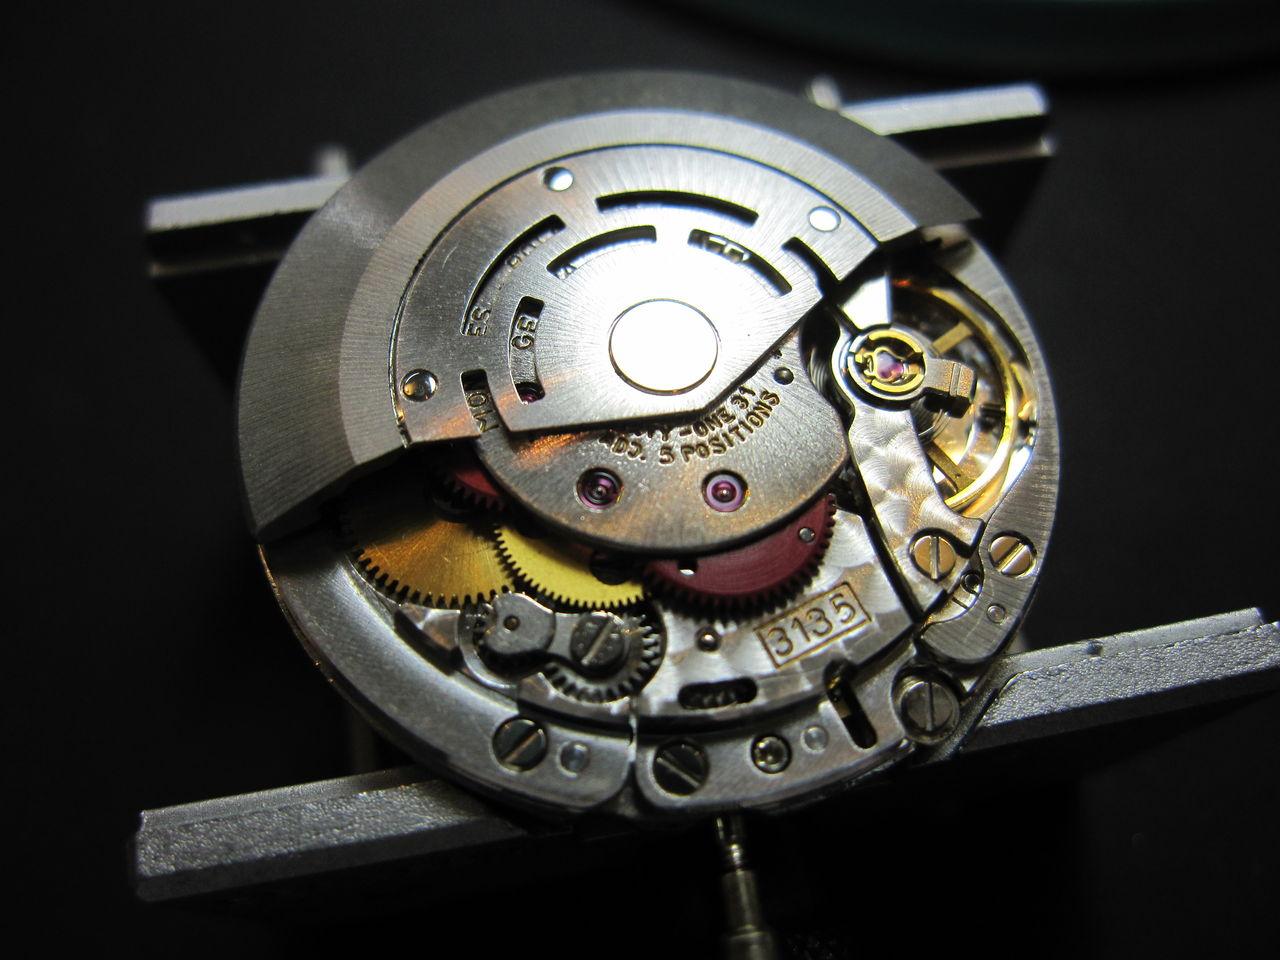 23b714dc44 バラしていくと文字盤裏と機械の間にほんのすこし水滴がありました。 まだ部品も錆びておらずセーフでした。  通常の洗浄注油を行い振角300°、日差+3~5秒に調整でき ...